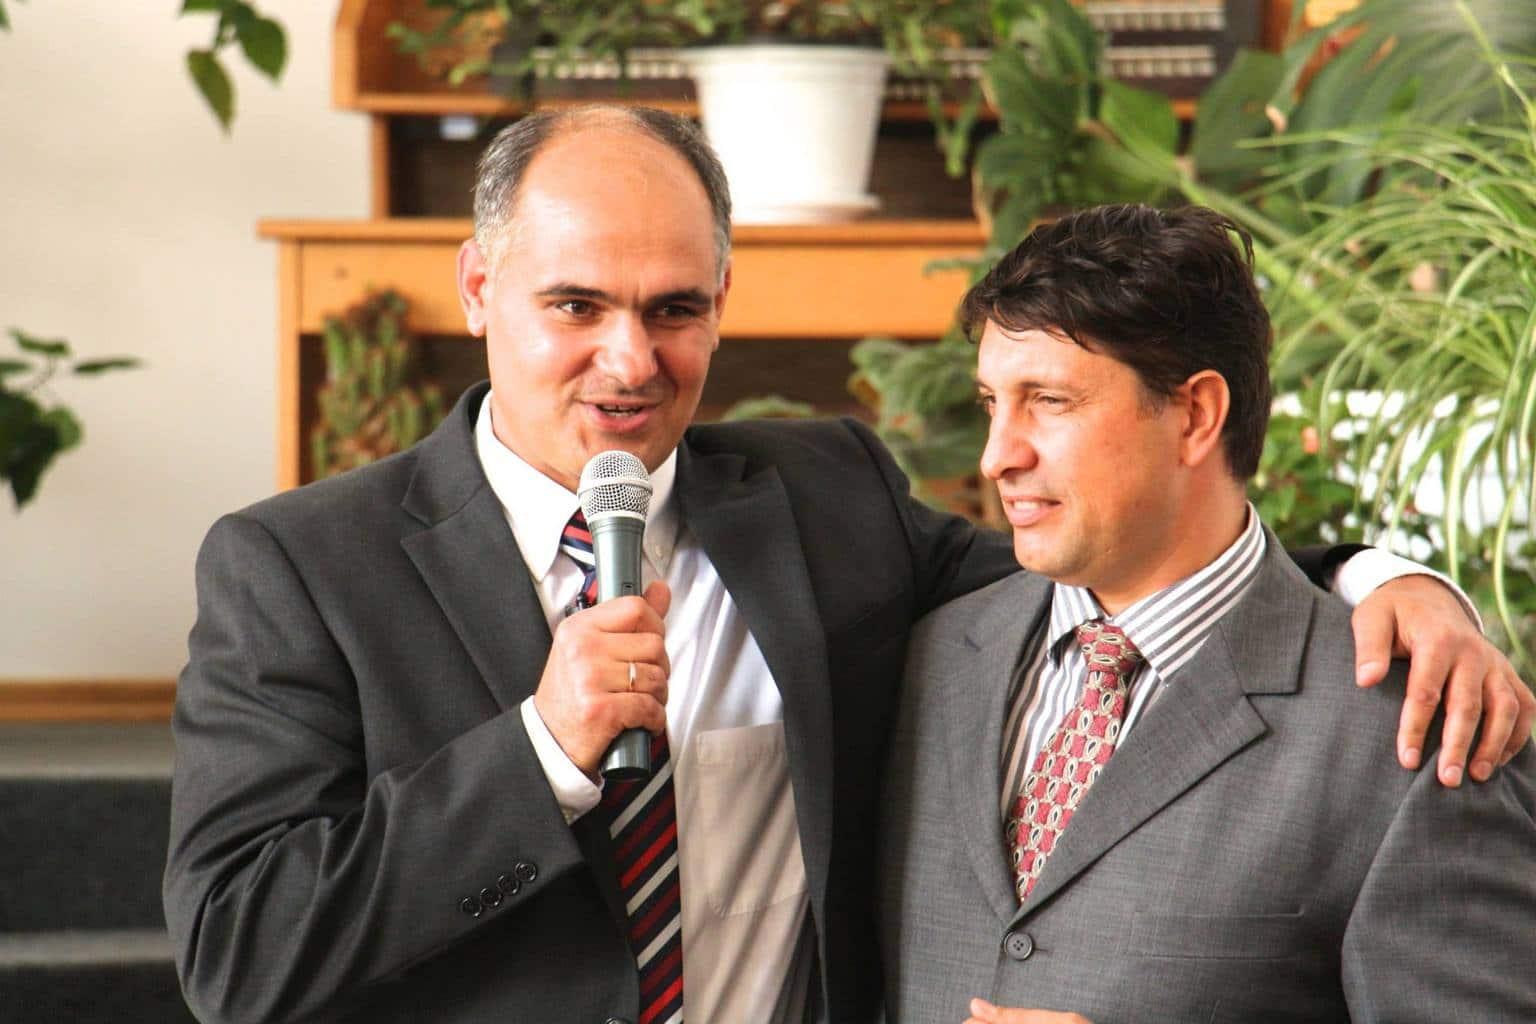 Pastorii Andrei Talmazan și Vasile Filat